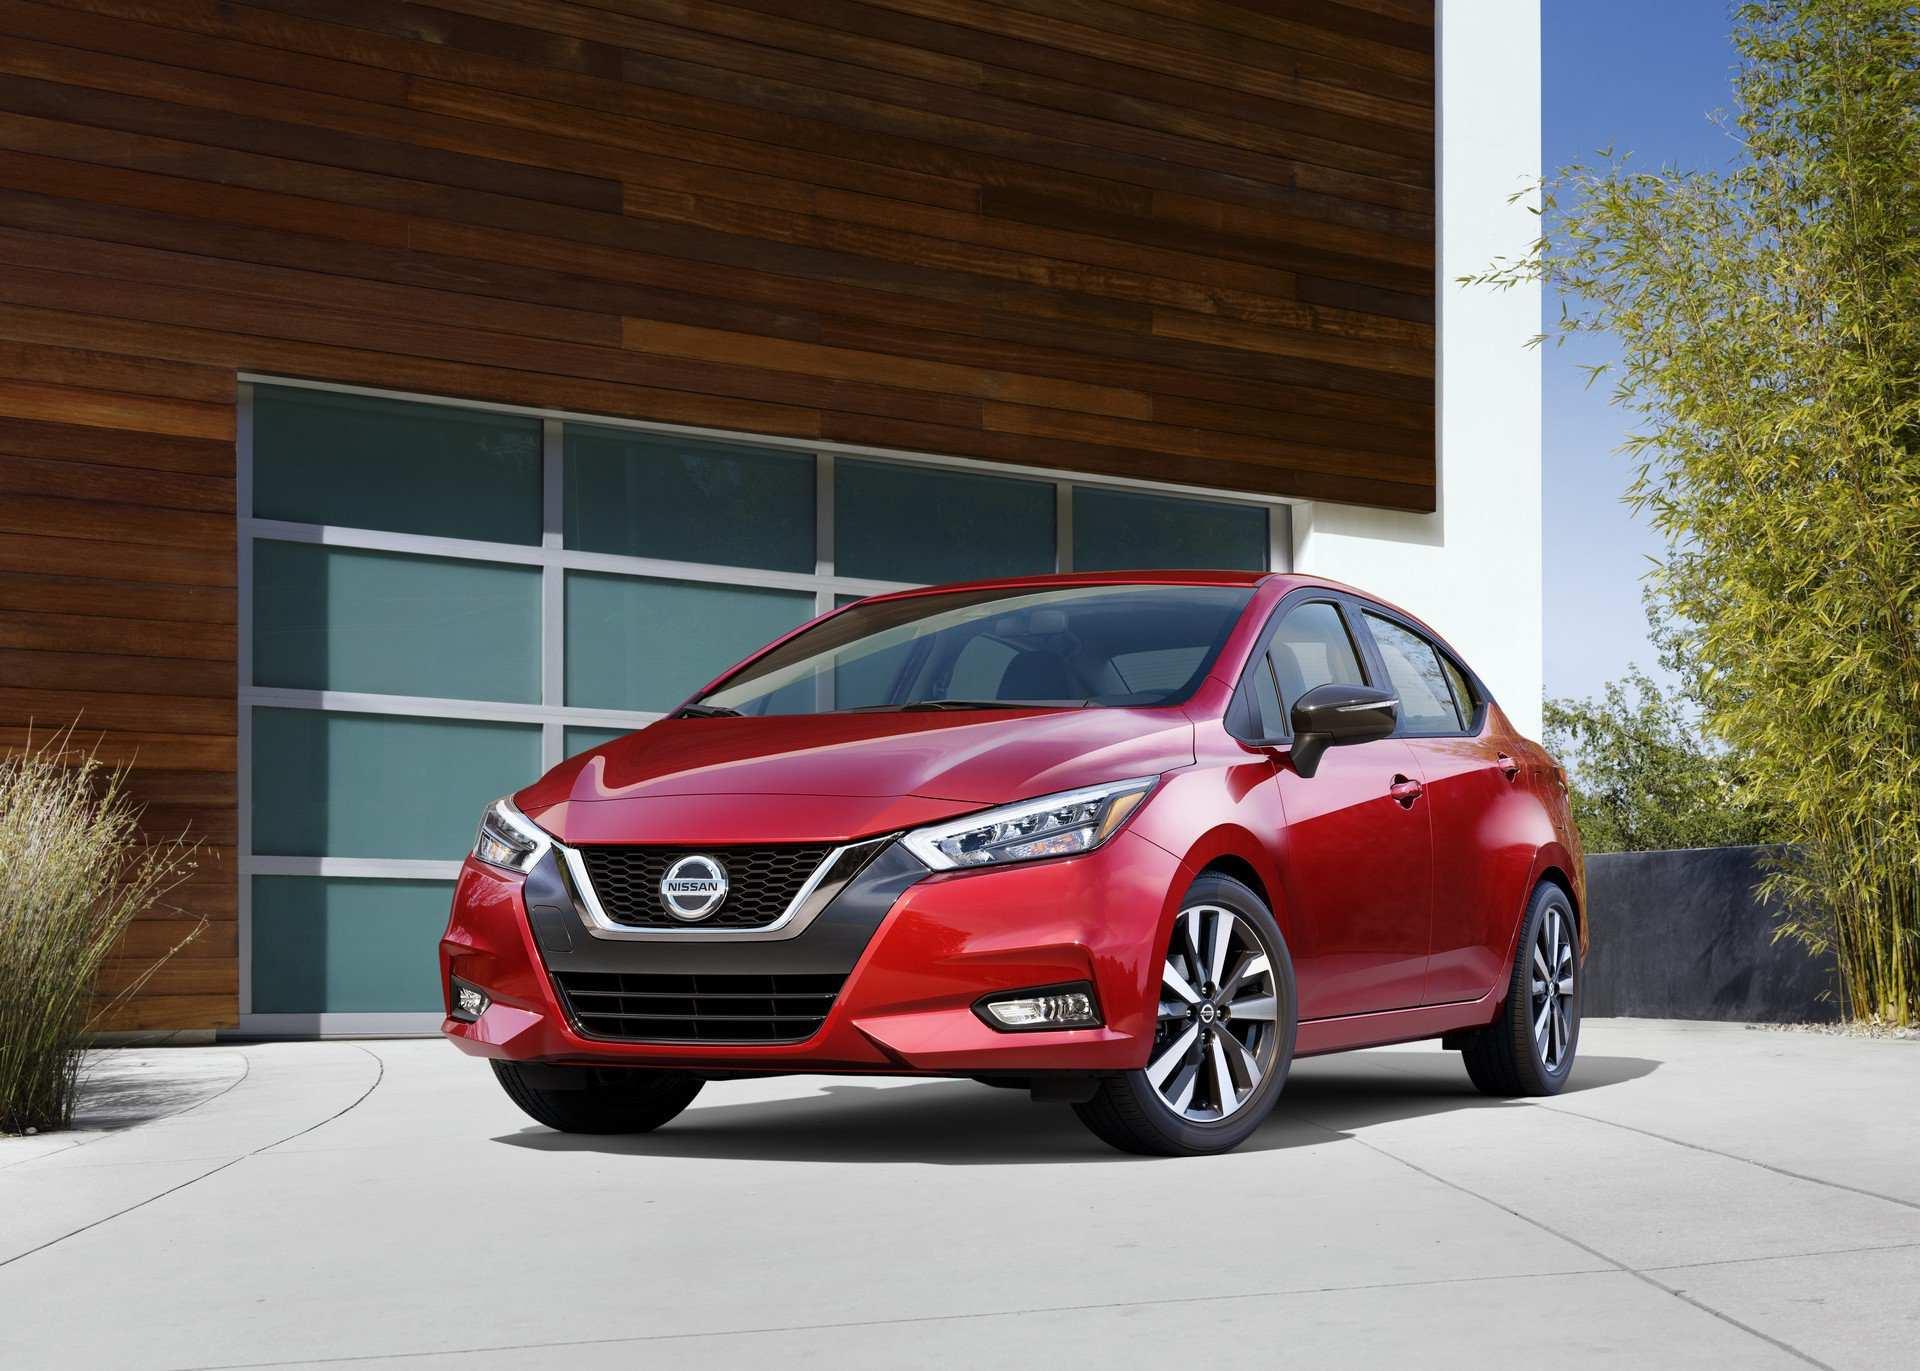 69 Best Review Nissan Versa 2020 Price Speed Test for Nissan Versa 2020 Price